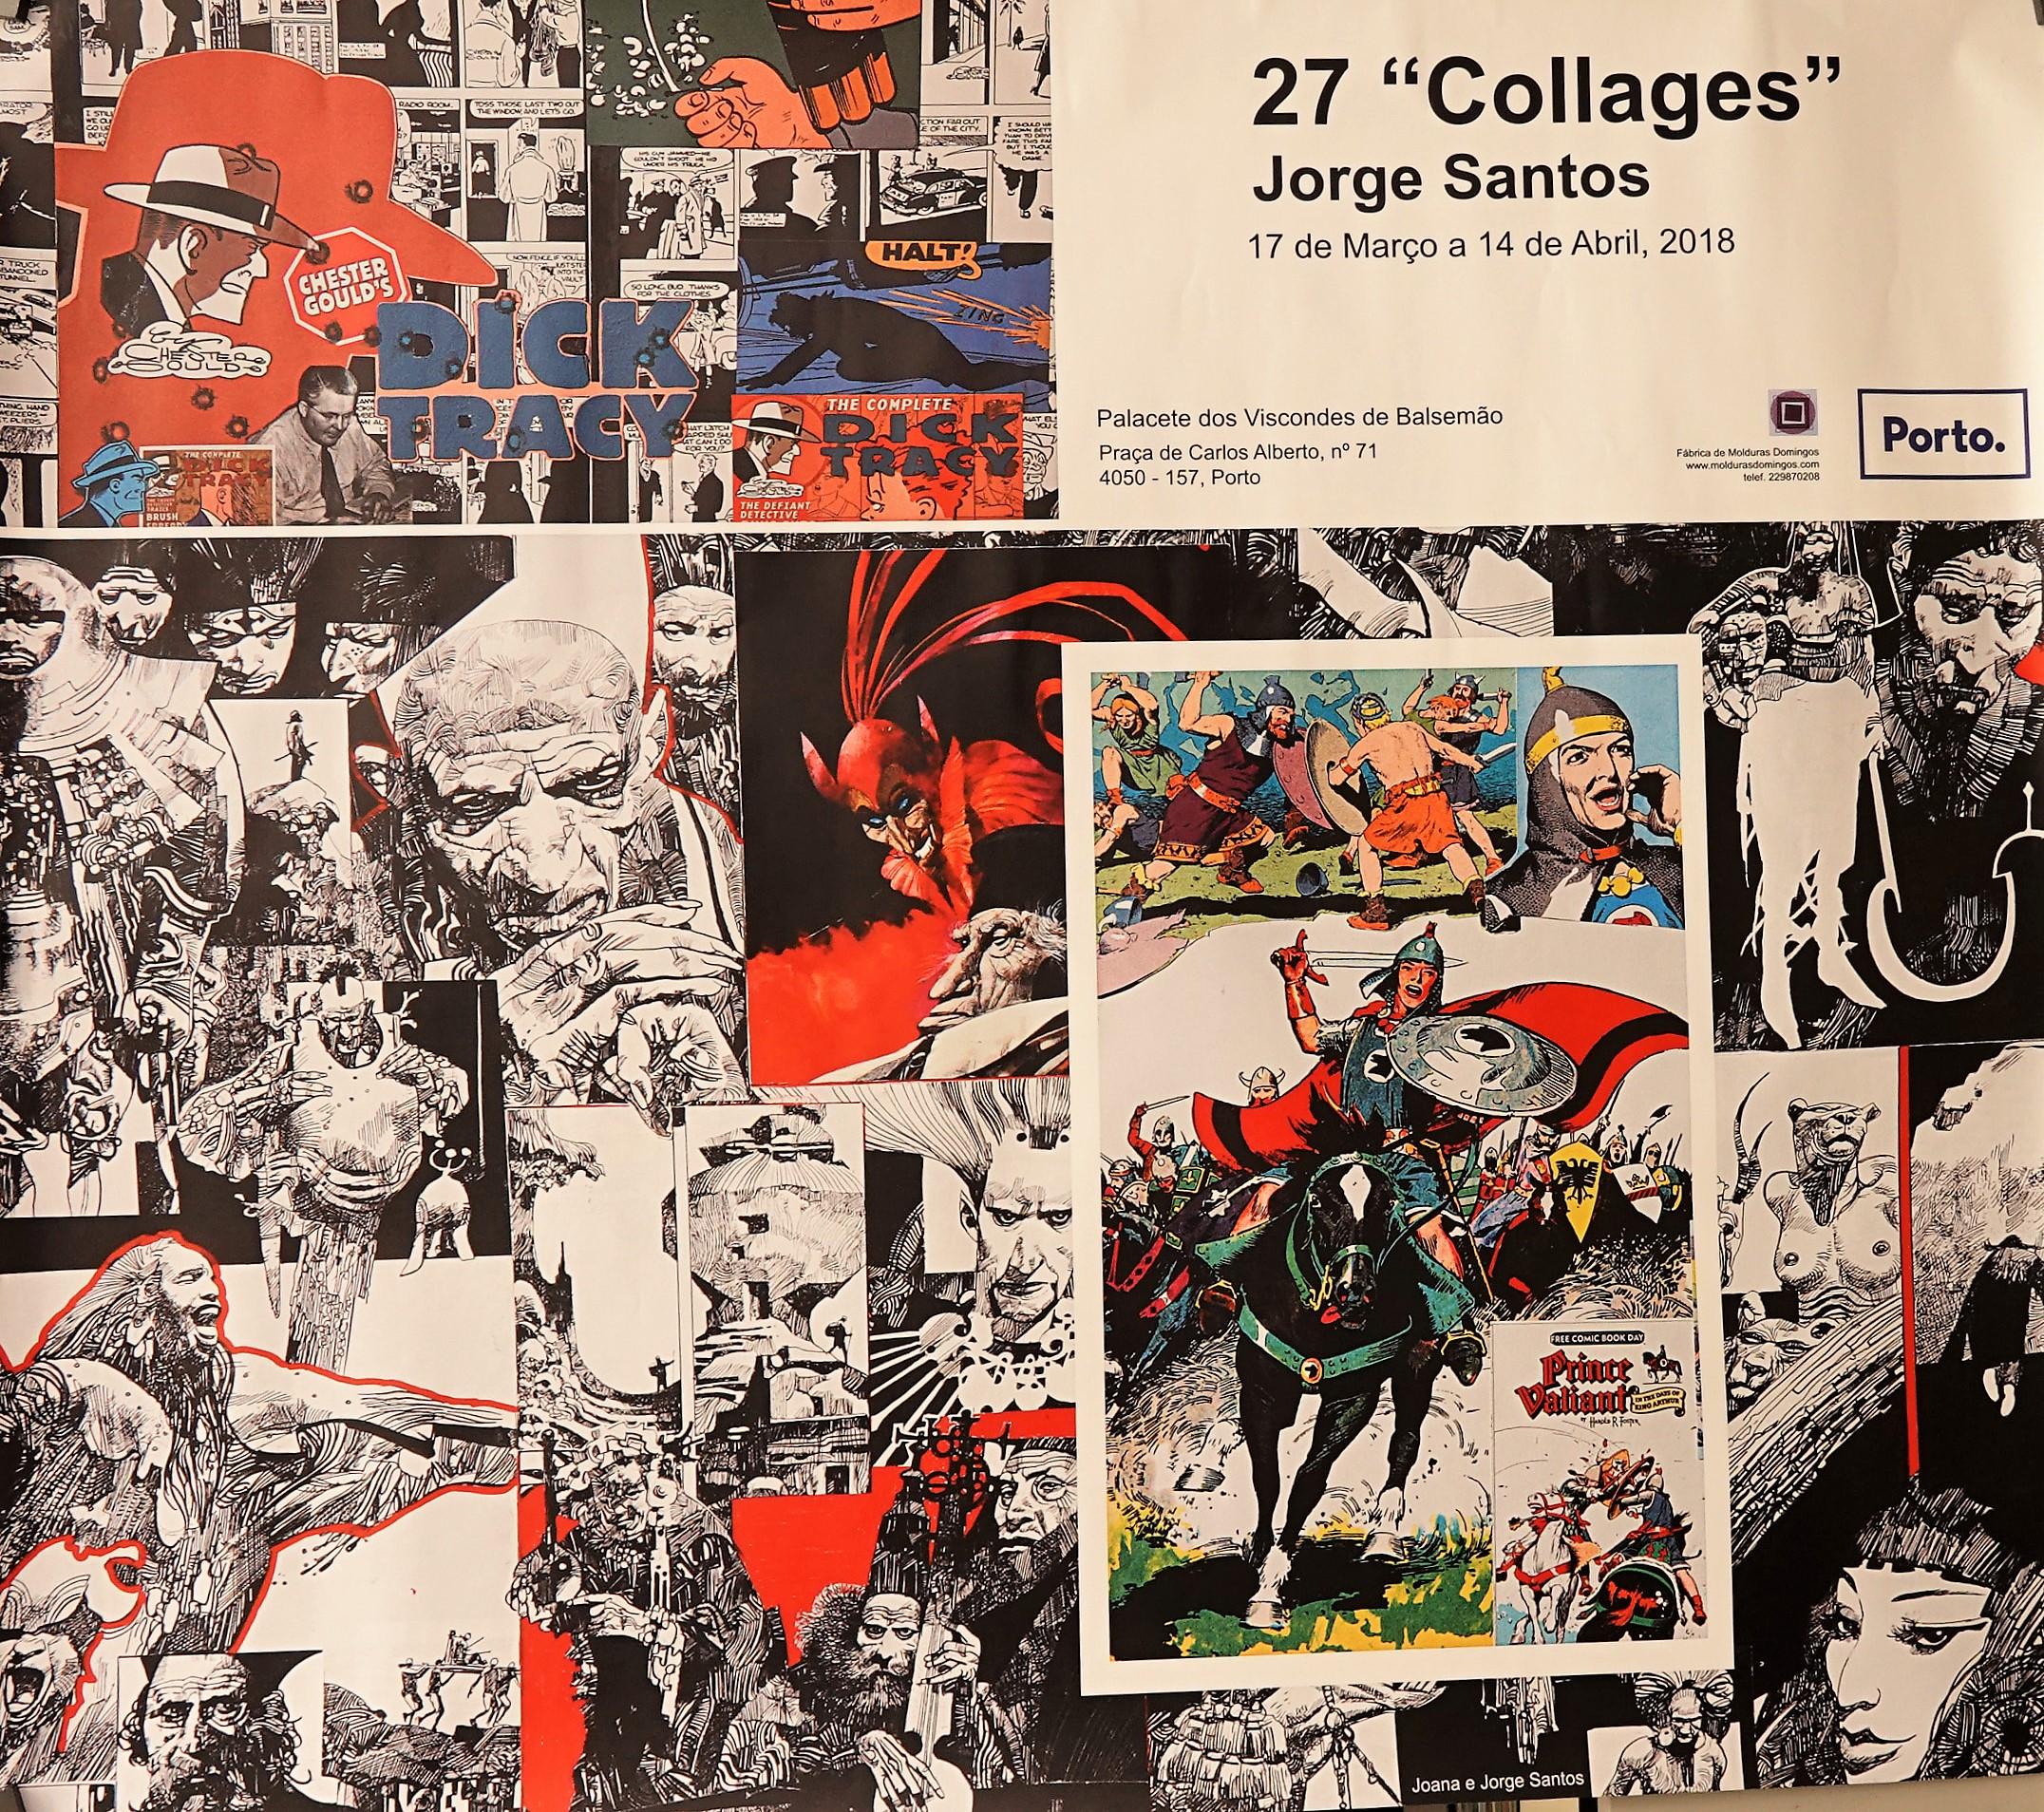 RX403880_T1 27 collage Jorge santos